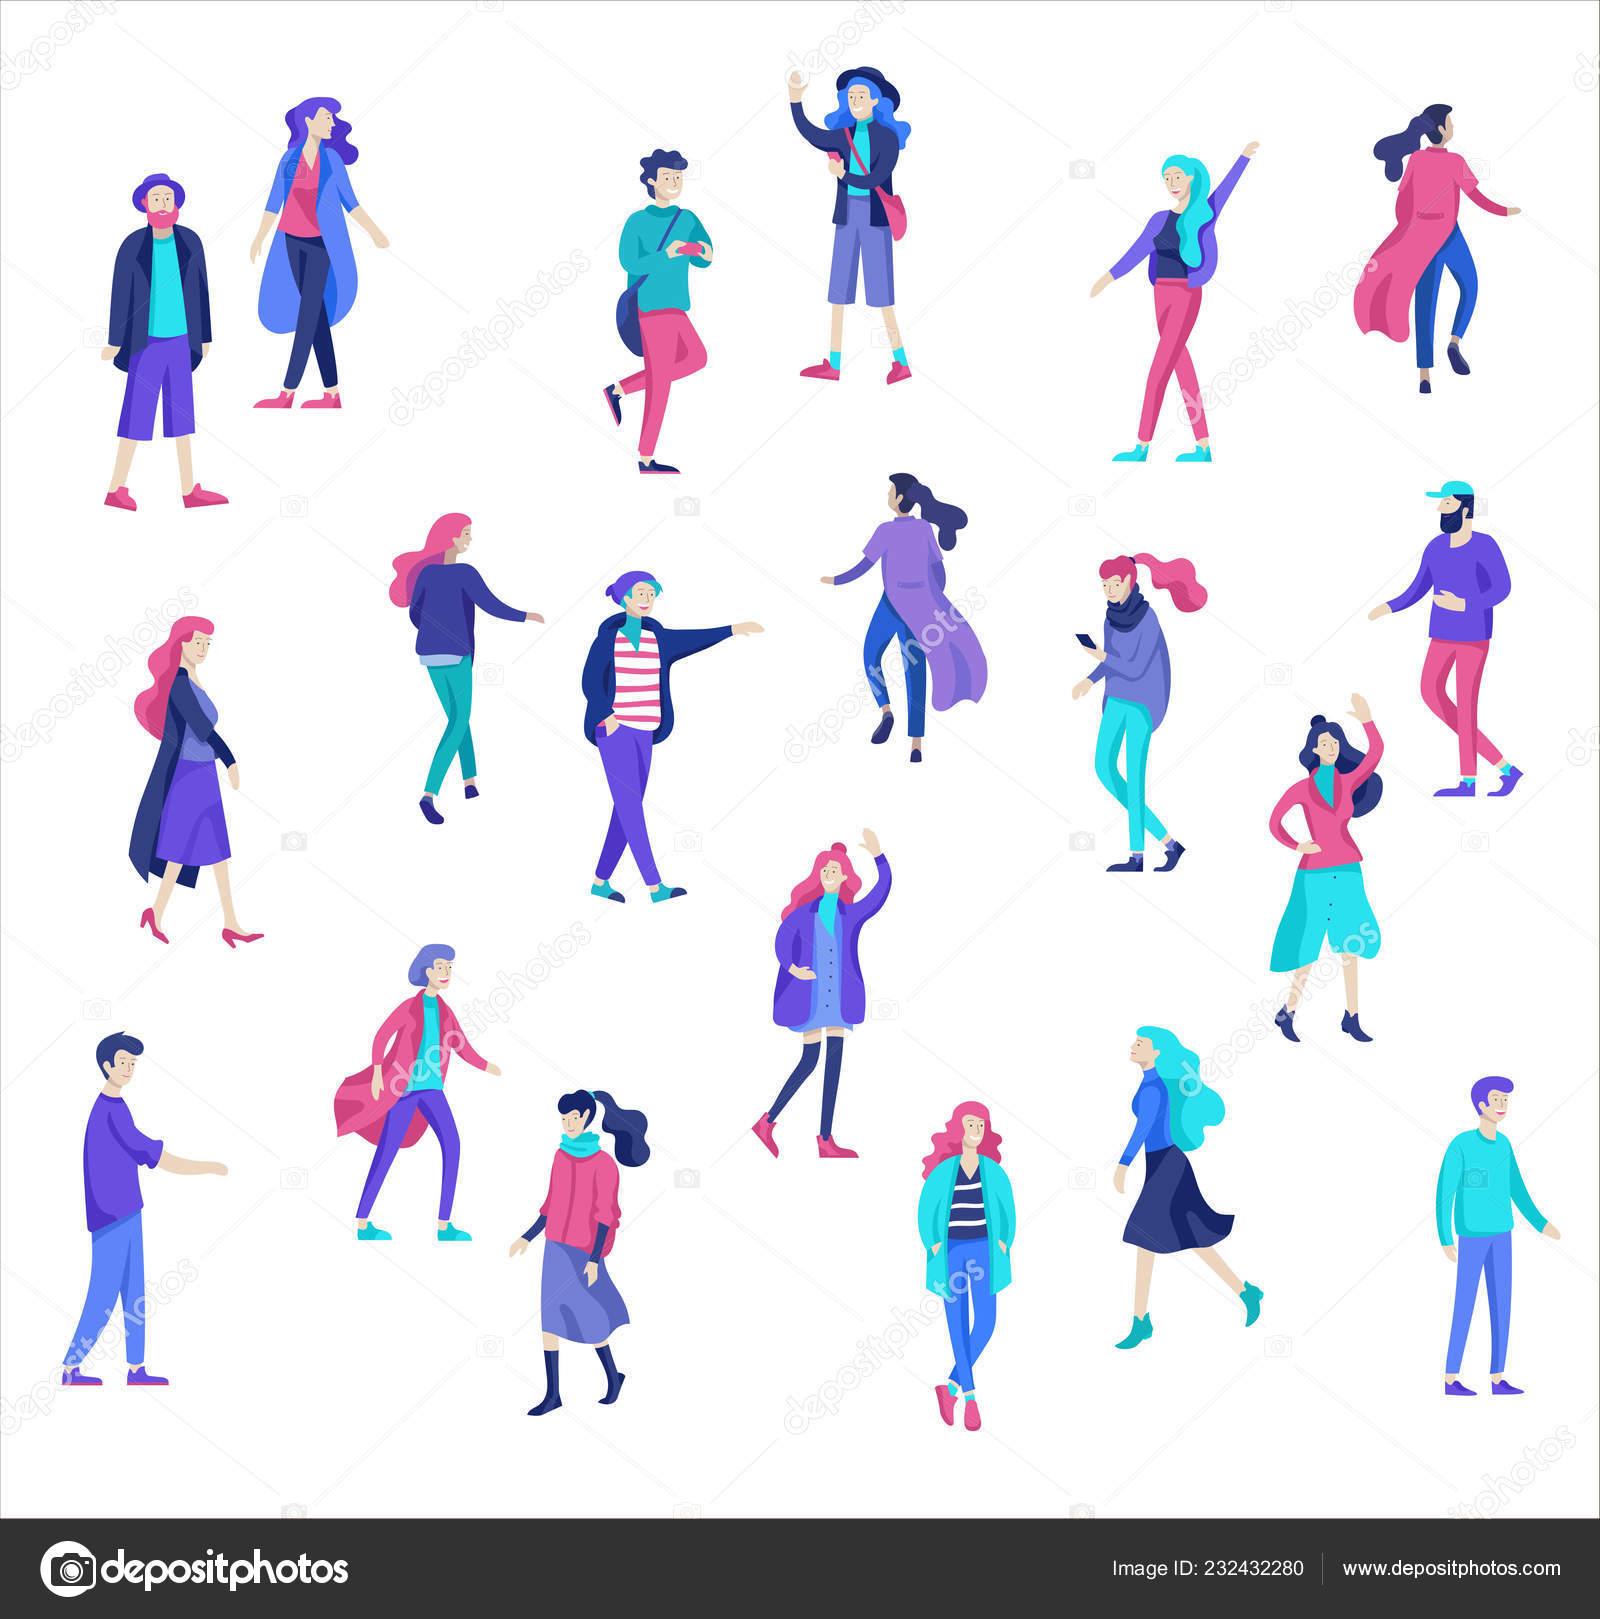 Carattere di vettore persone camminando per strada in autunno o inverno  vestiti 6109ff44571